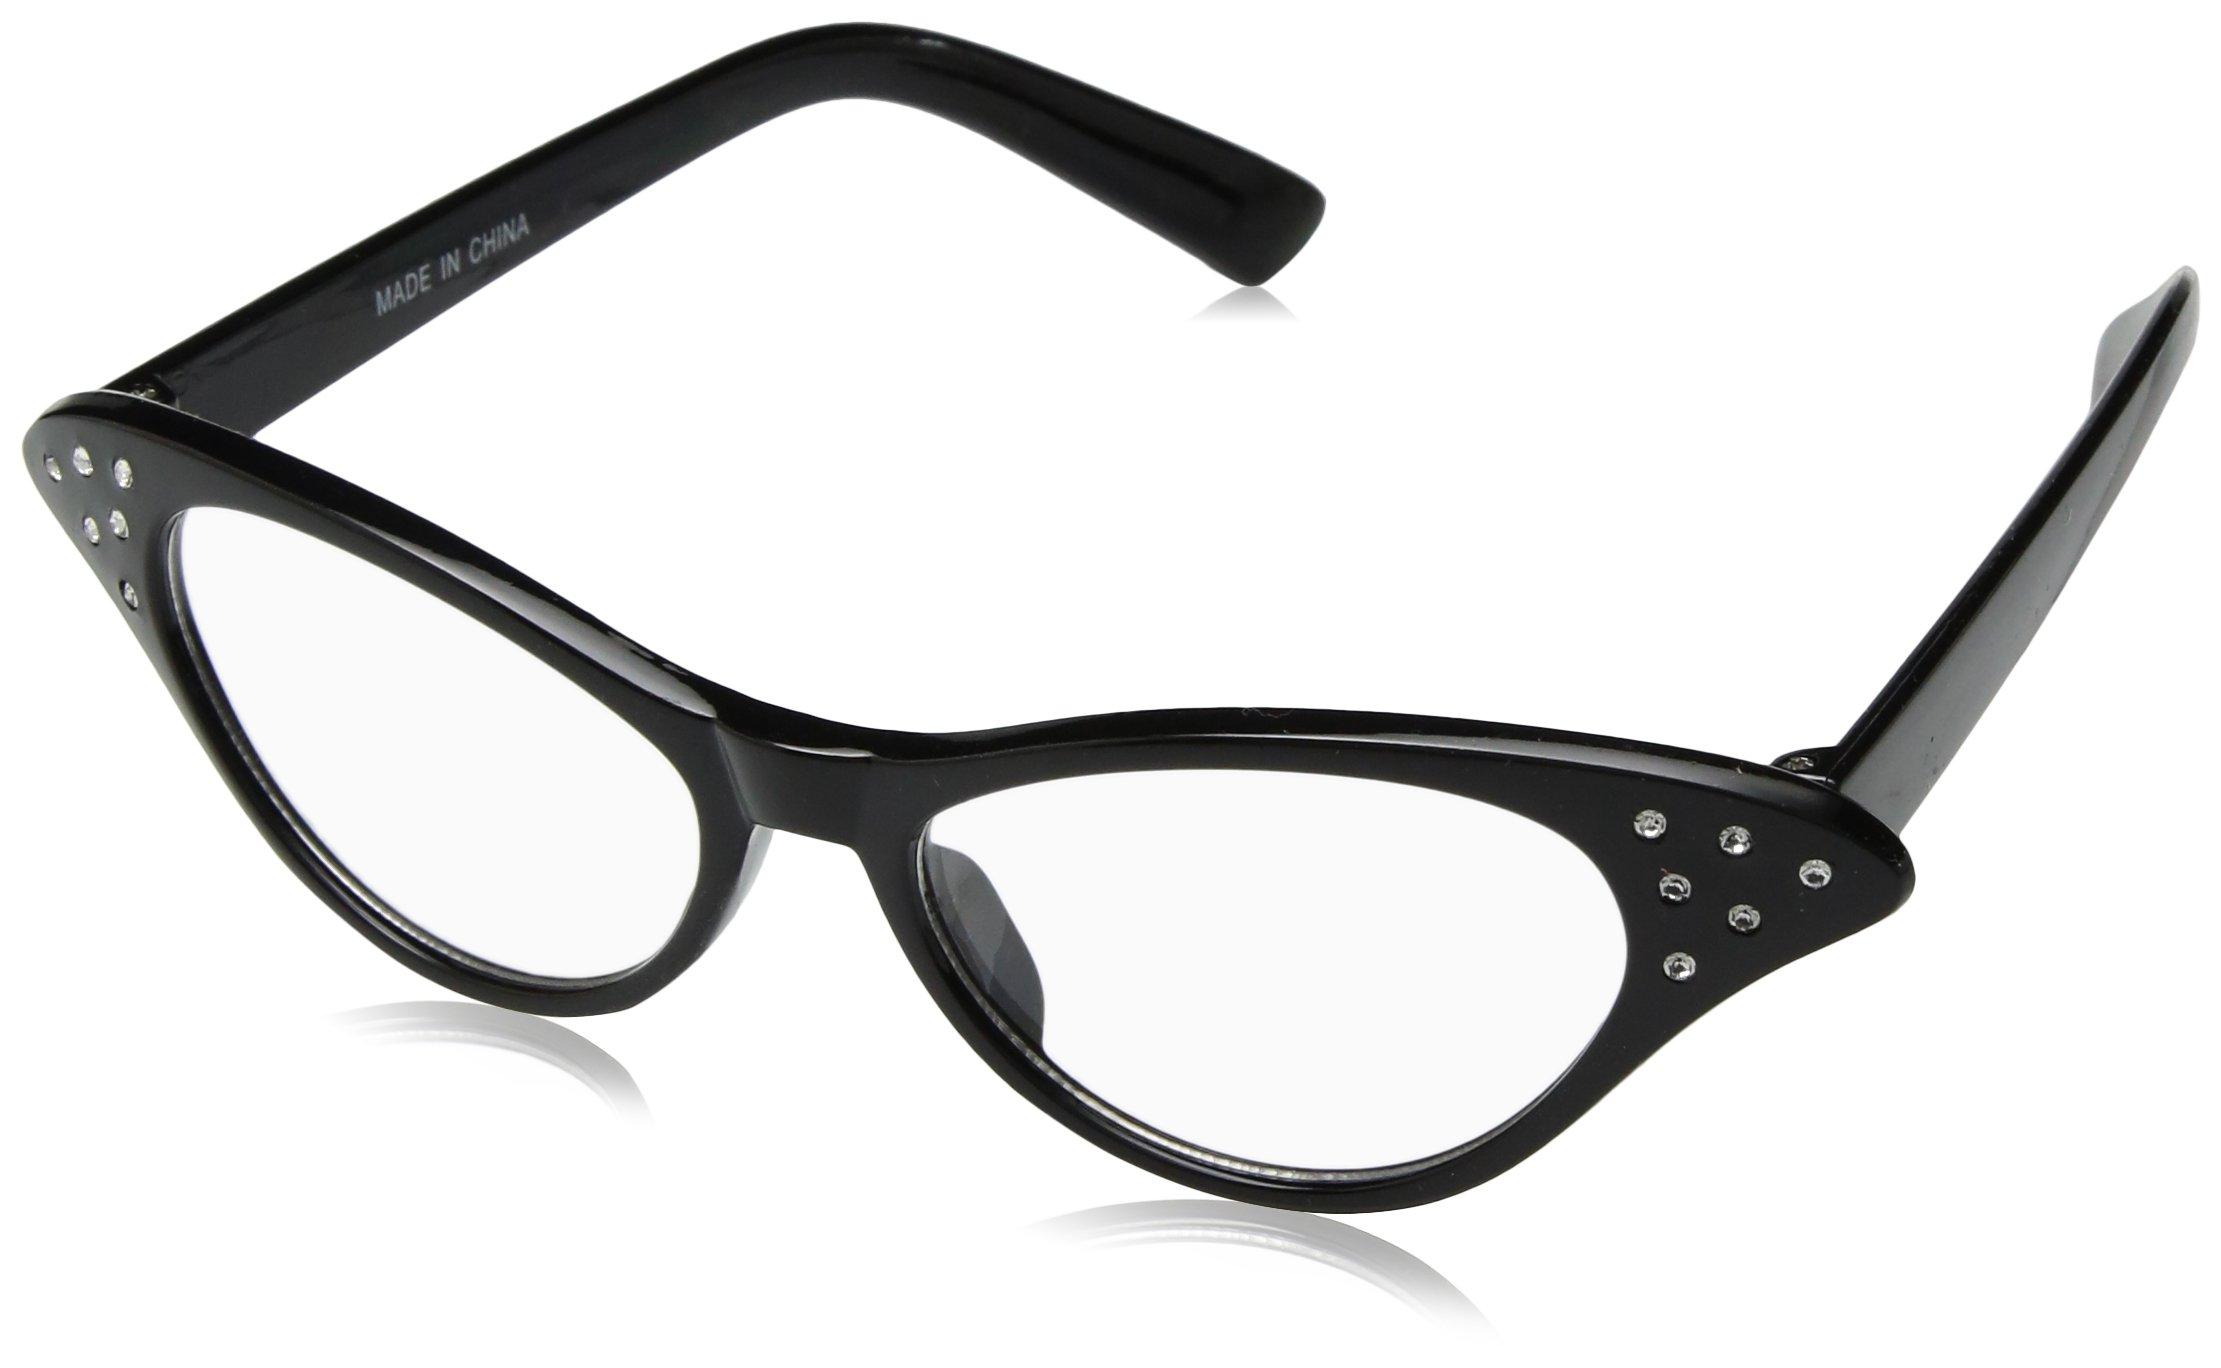 ef5fa7c14655 Get Quotations · Hip Hop 50s Shop Womens Cat Eye Rhinestone Glasses